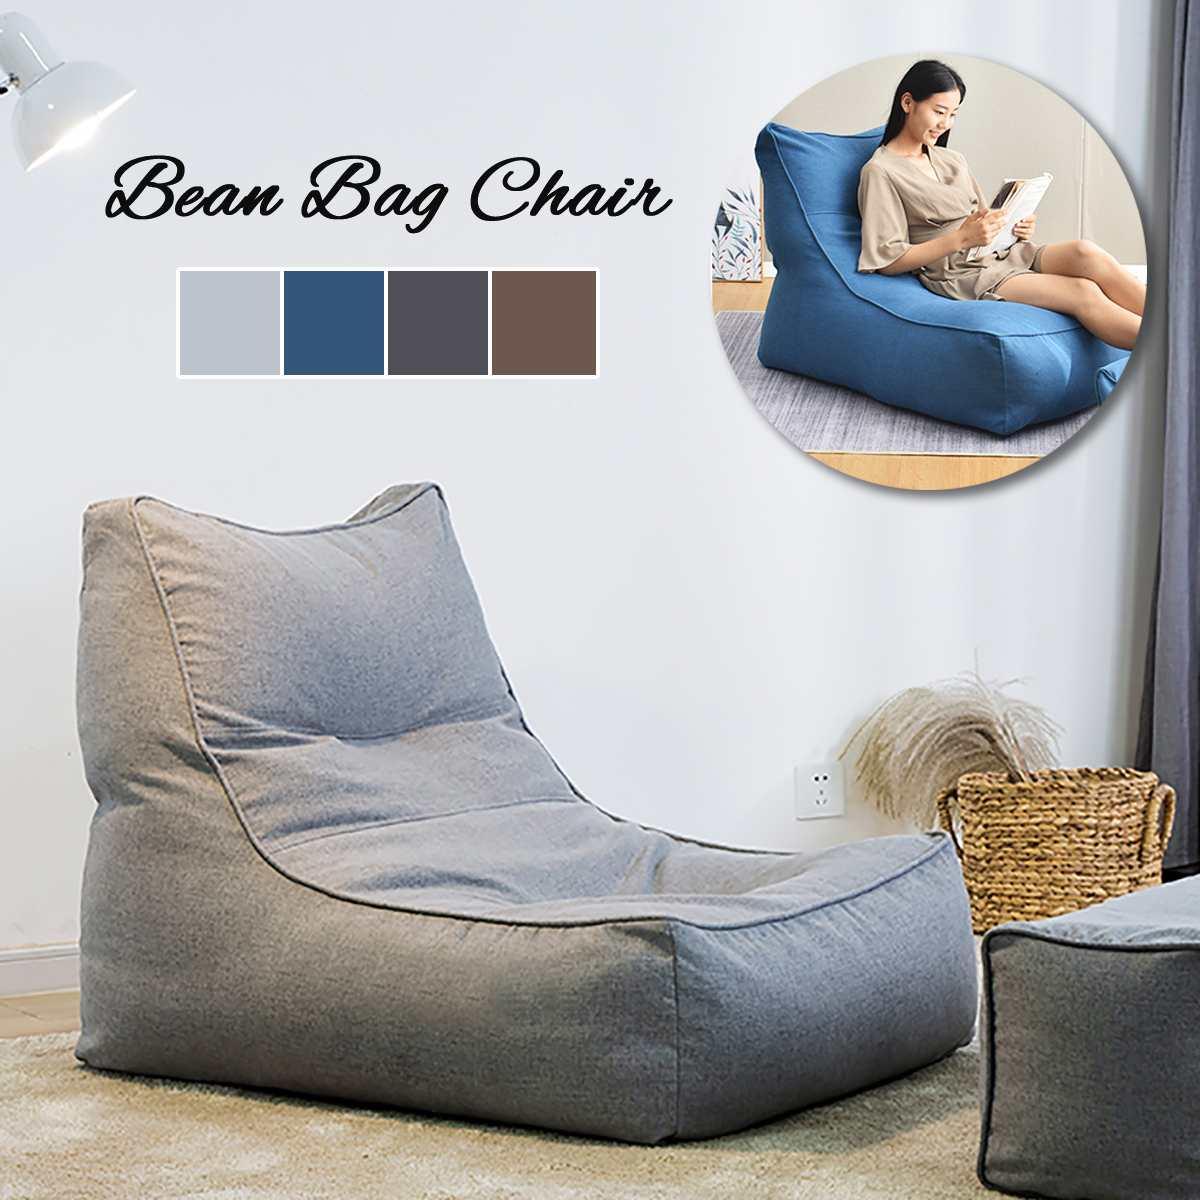 Pouf paresseux canapés couverture chaises sans remplissage lin tissu chaise longue siège Pouf Pouf bouffée canapé Tatami meubles de salon